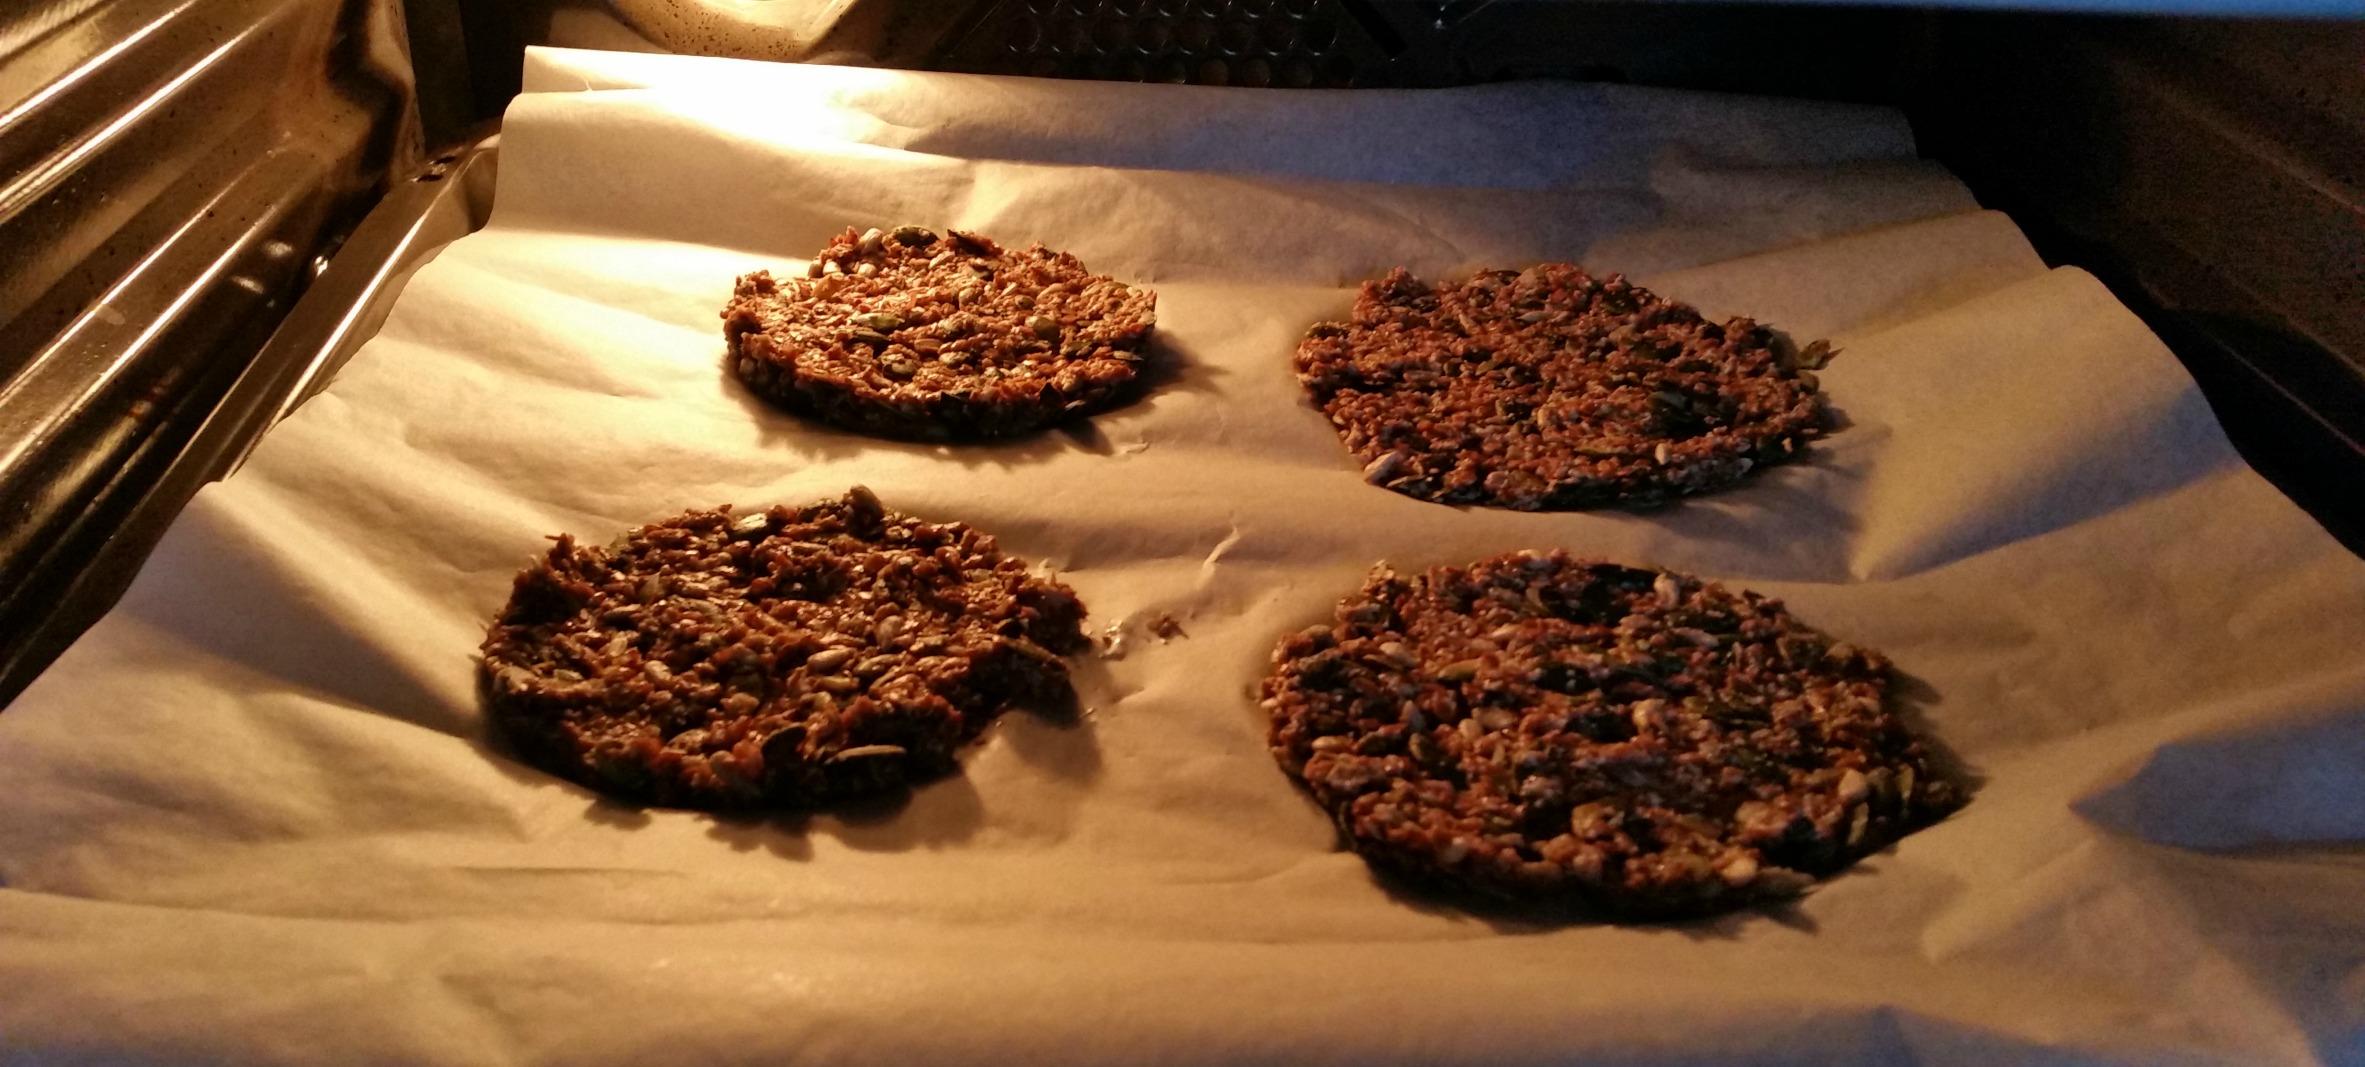 Koolhydraatarme crackers in oven